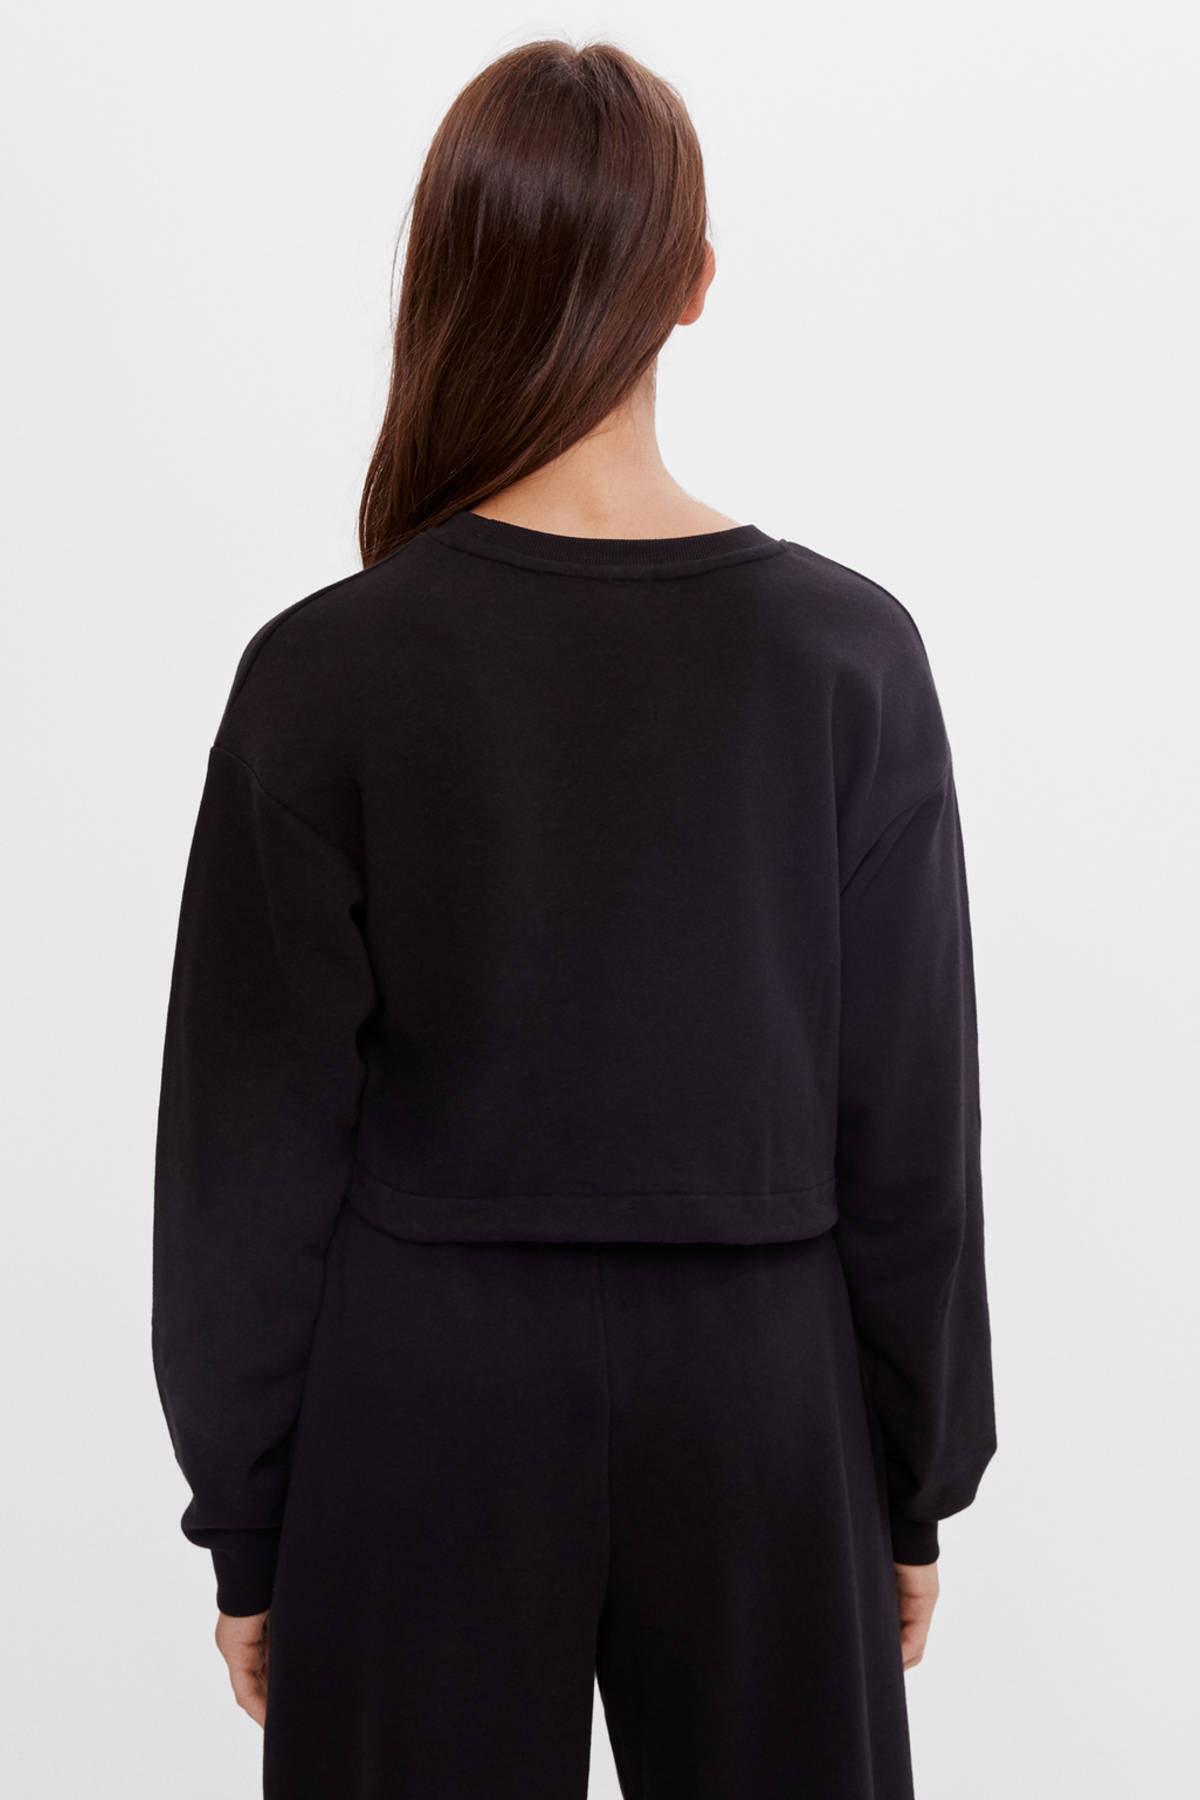 Bershka Kadın Siyah Baskılı Bağcıklı Sweatshirt 2